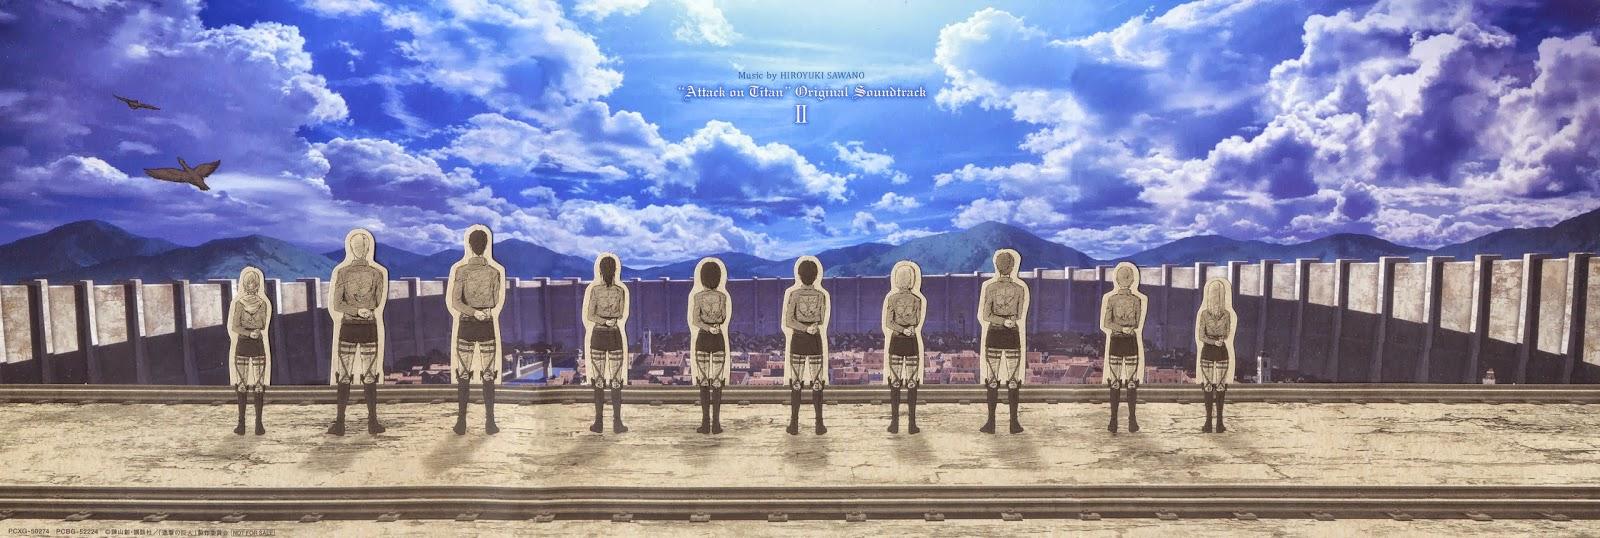 Votre OST/Musique préférée de l'anime IMG_0001